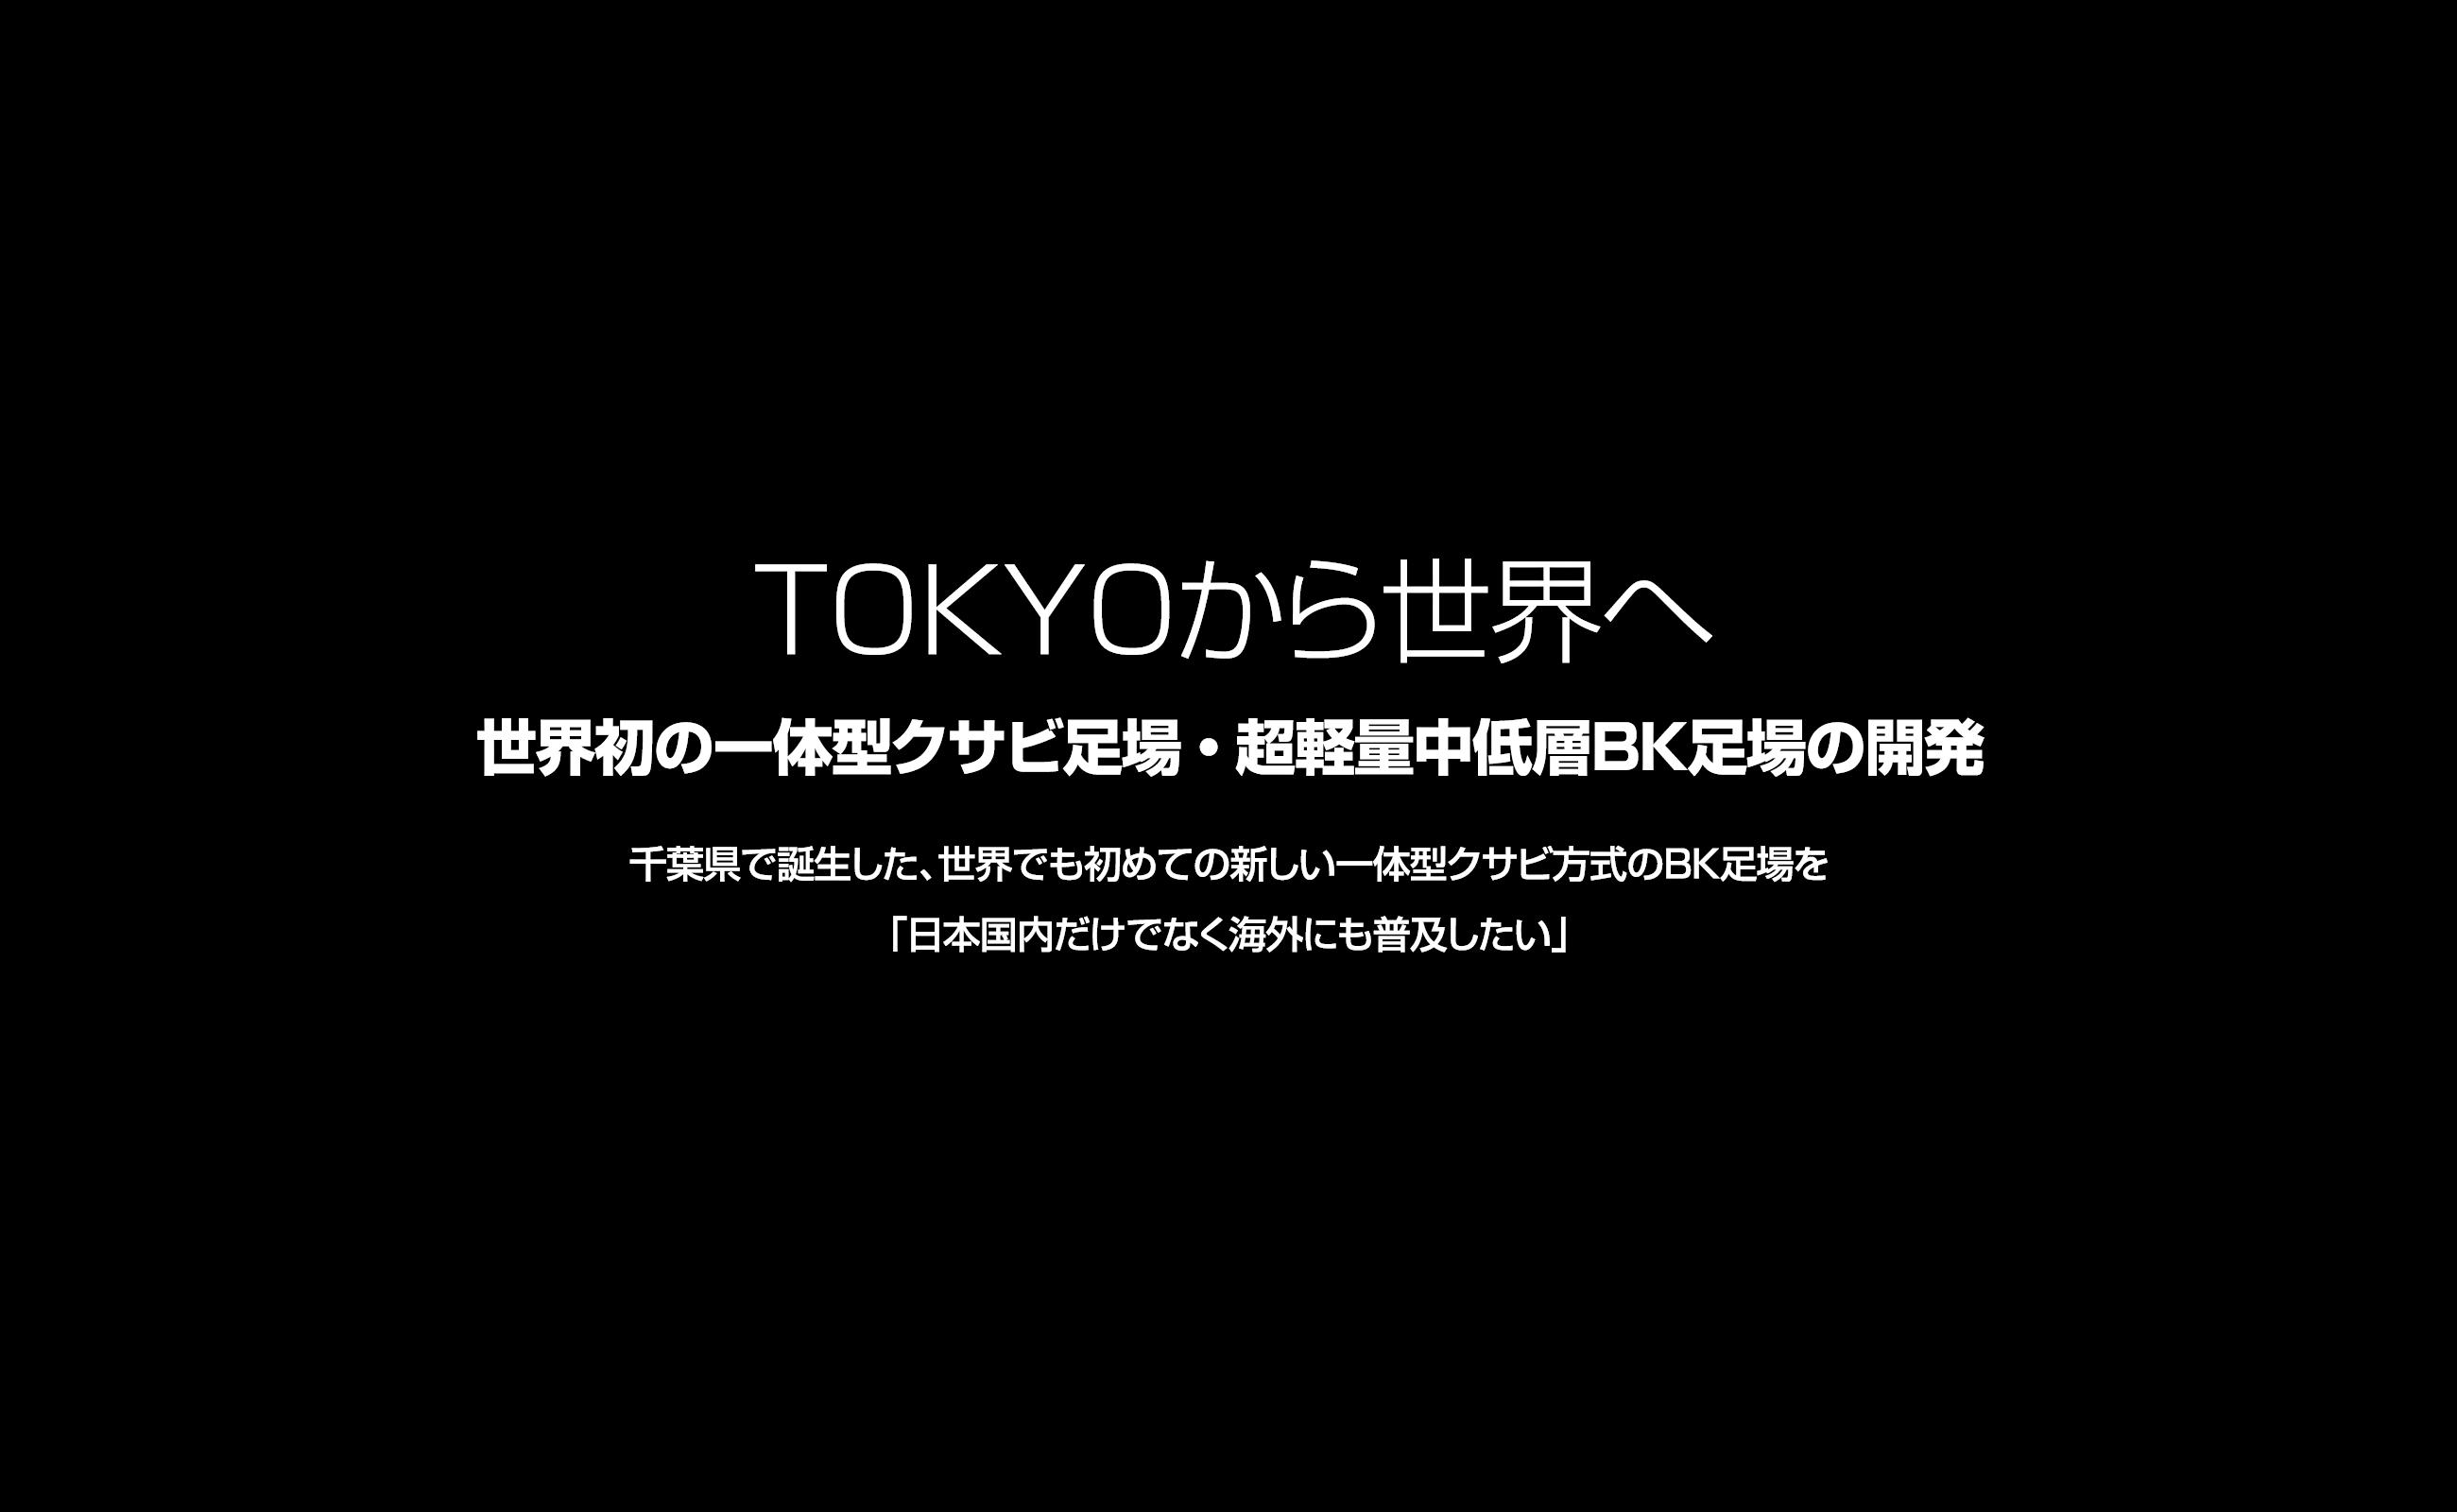 世界初の一体型クサビ足場・超軽量低層BK足場の開発「TOKYOから世界へ」:千葉県で誕生した、世界でも初めての新しい一体型クサビ方式のBK足場を「日本国内だけでなく海外にも普及したい」